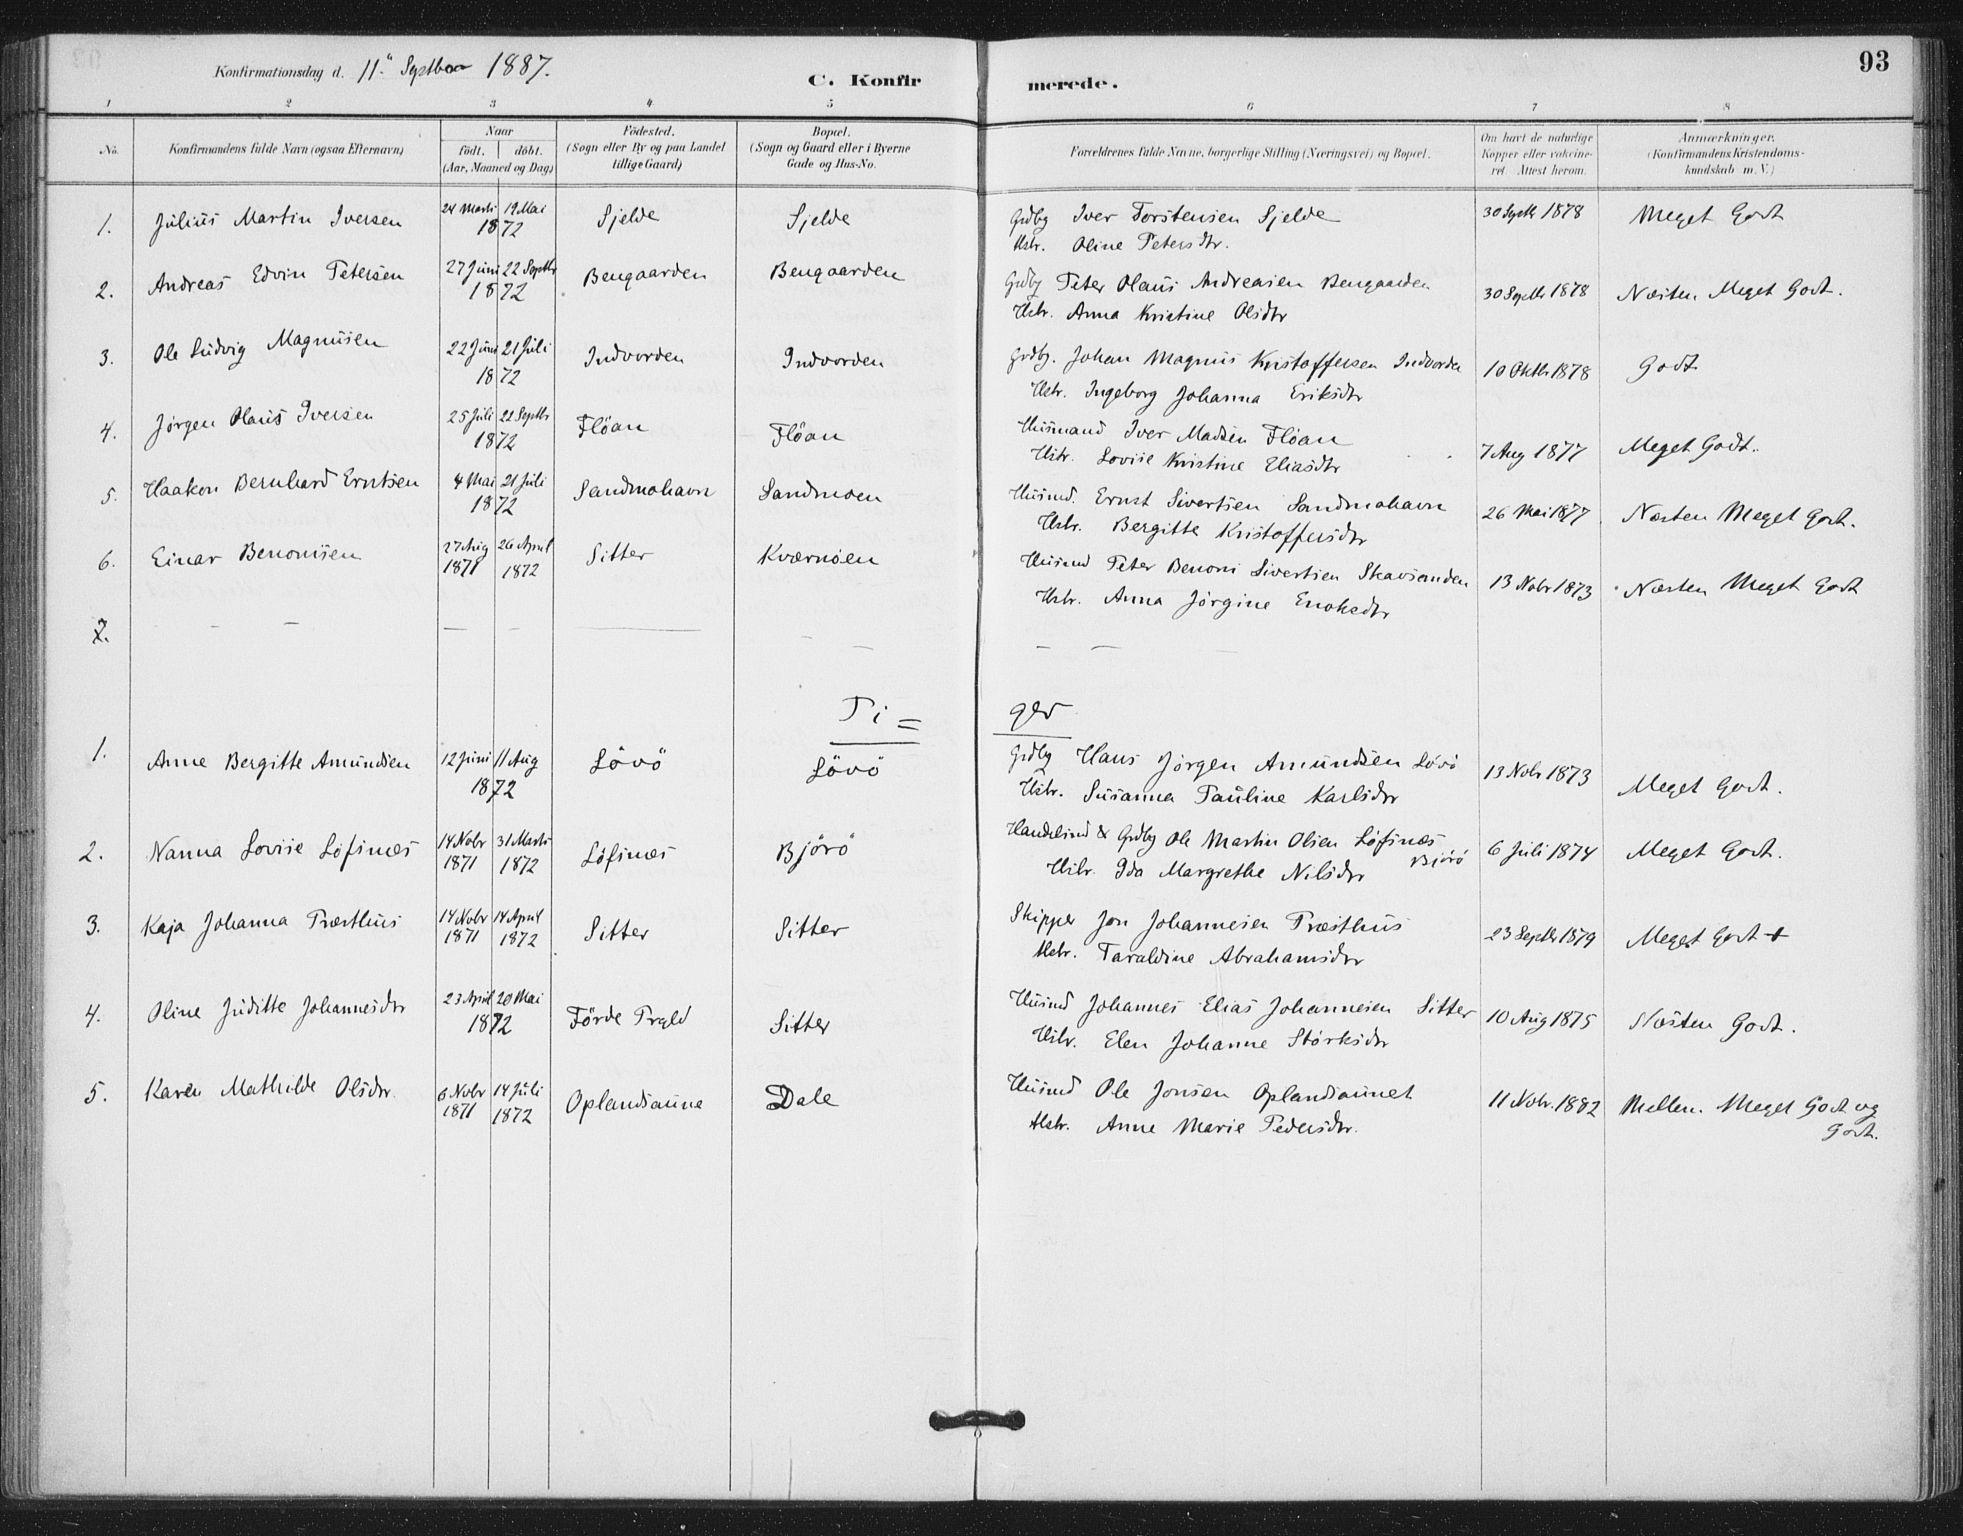 SAT, Ministerialprotokoller, klokkerbøker og fødselsregistre - Nord-Trøndelag, 772/L0603: Ministerialbok nr. 772A01, 1885-1912, s. 93